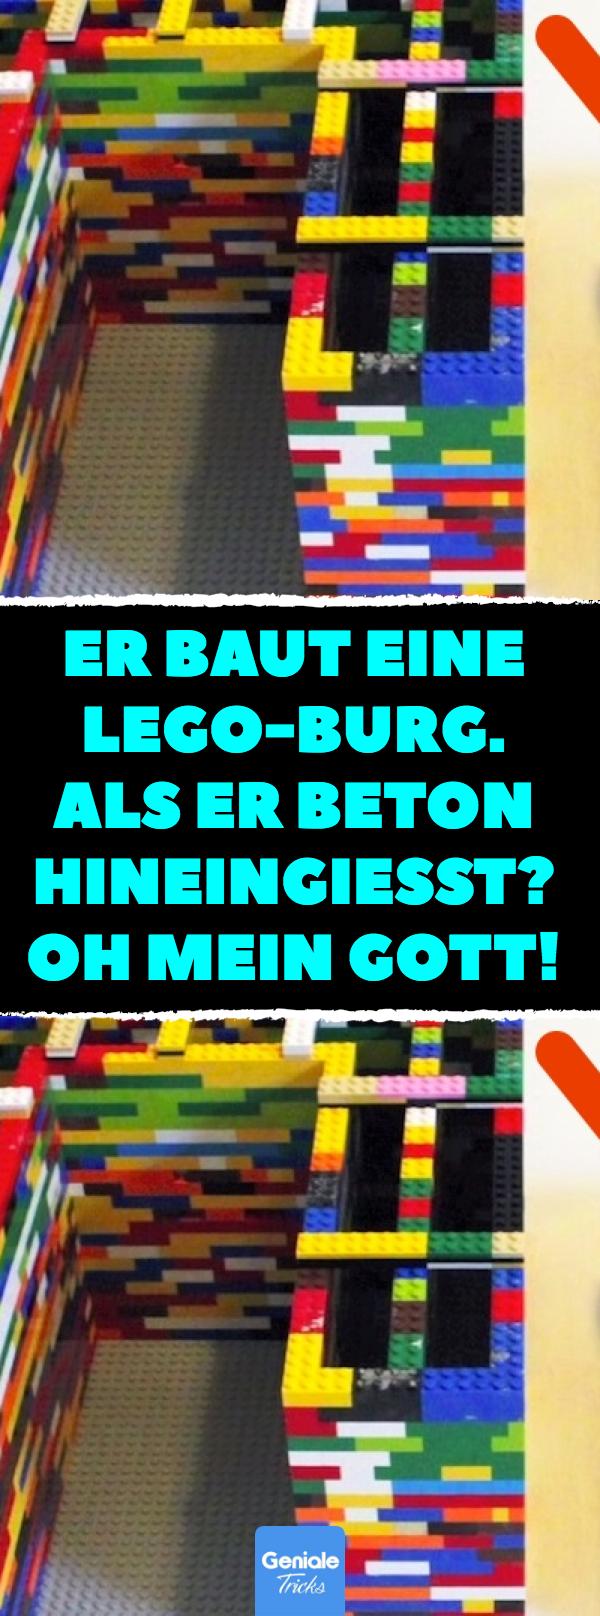 Umwerfend: Satztische im Industrial Design aus Lego und Beton.